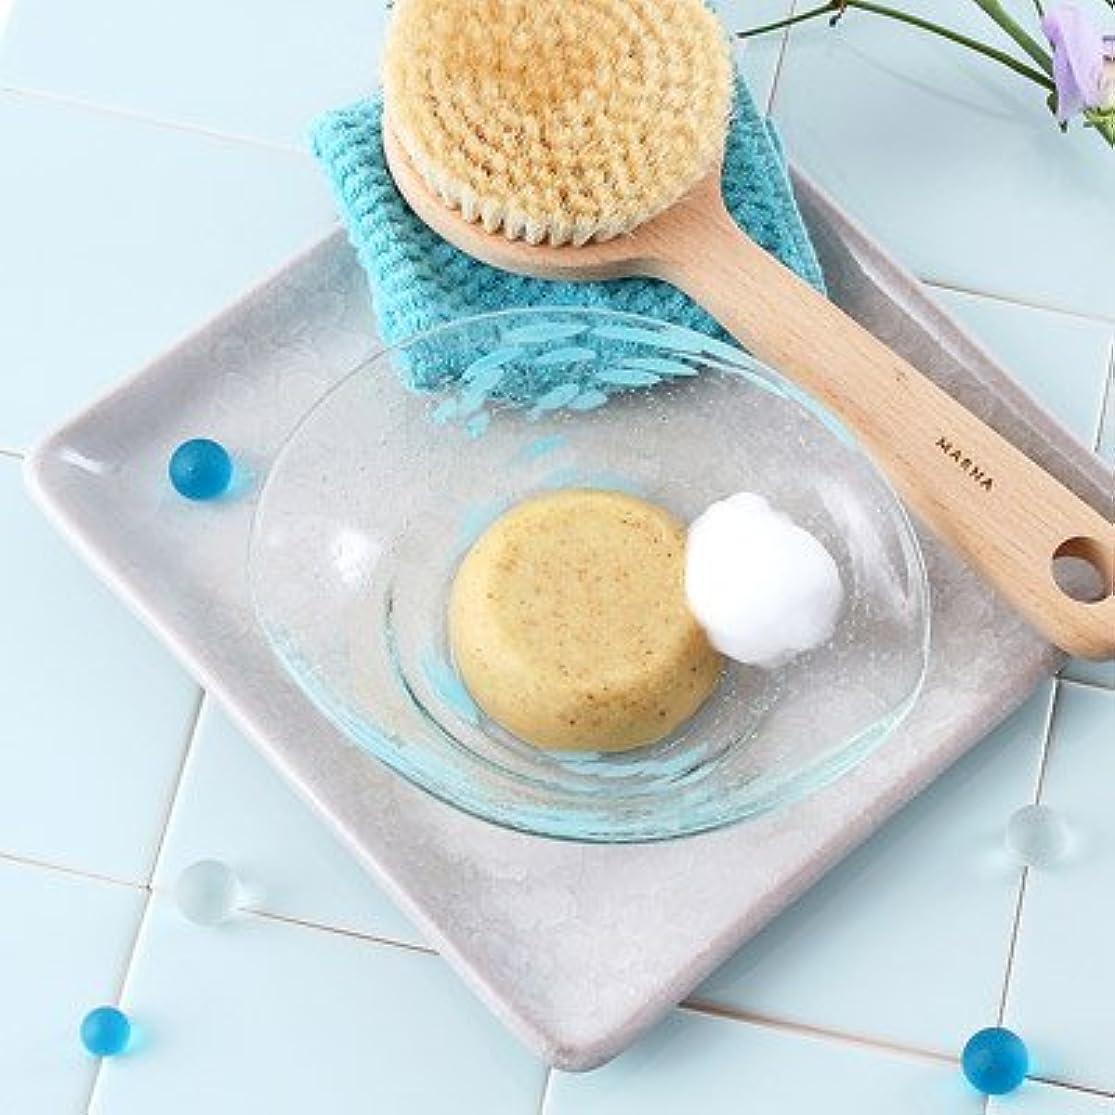 判決チャンバー解体するフルーツ30品や蜂蜜で作られた石鹸 38プレミアム